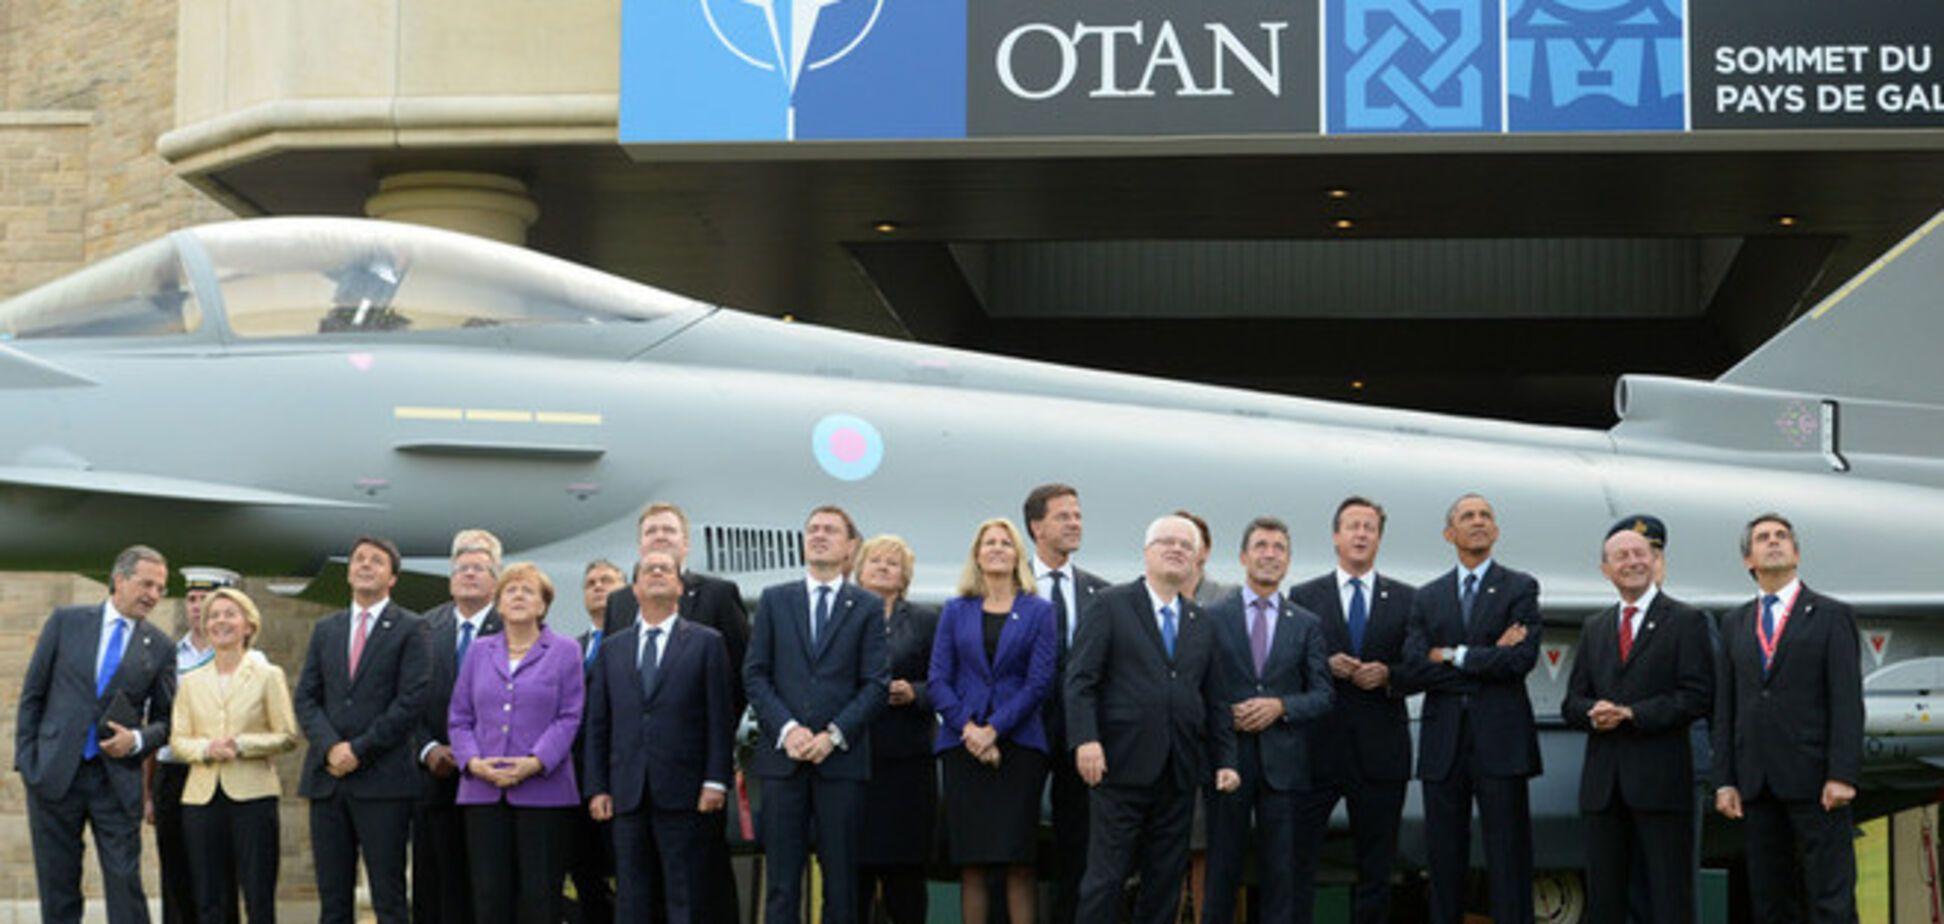 Семь стран НАТО подписали договор с прицелом на Россию